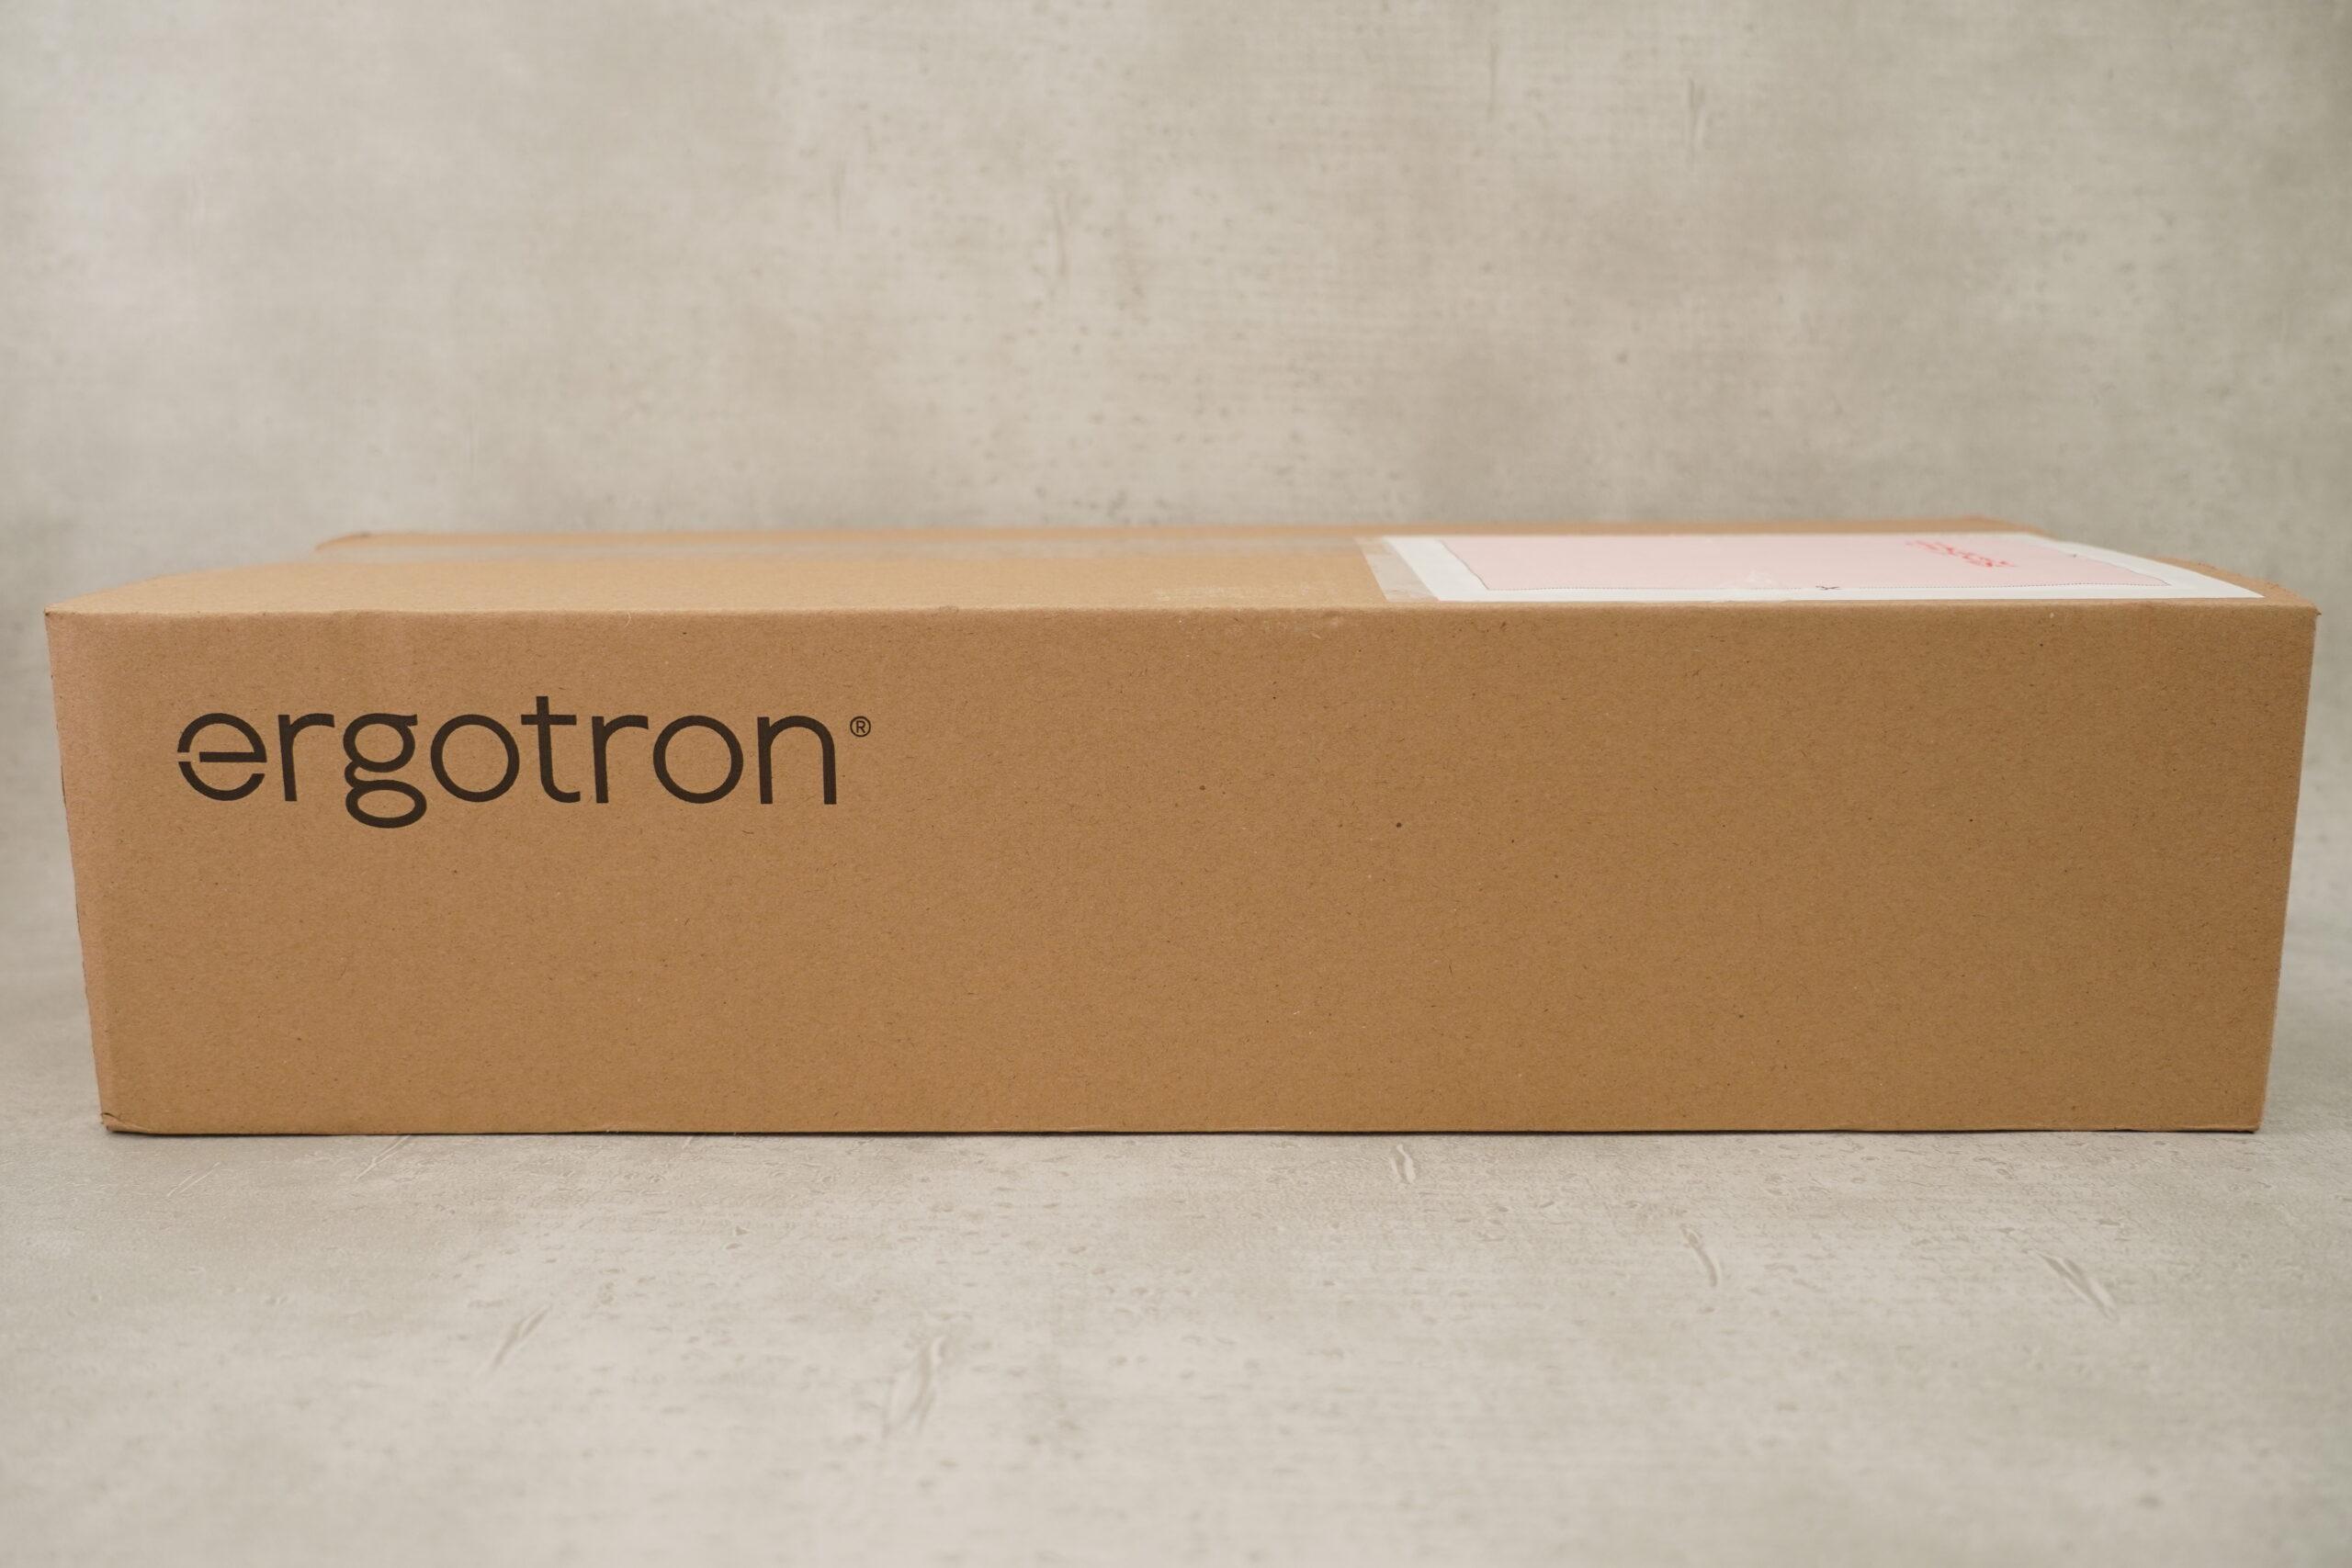 ERGOTRON(エルゴトロン)モニターアーム レビュー